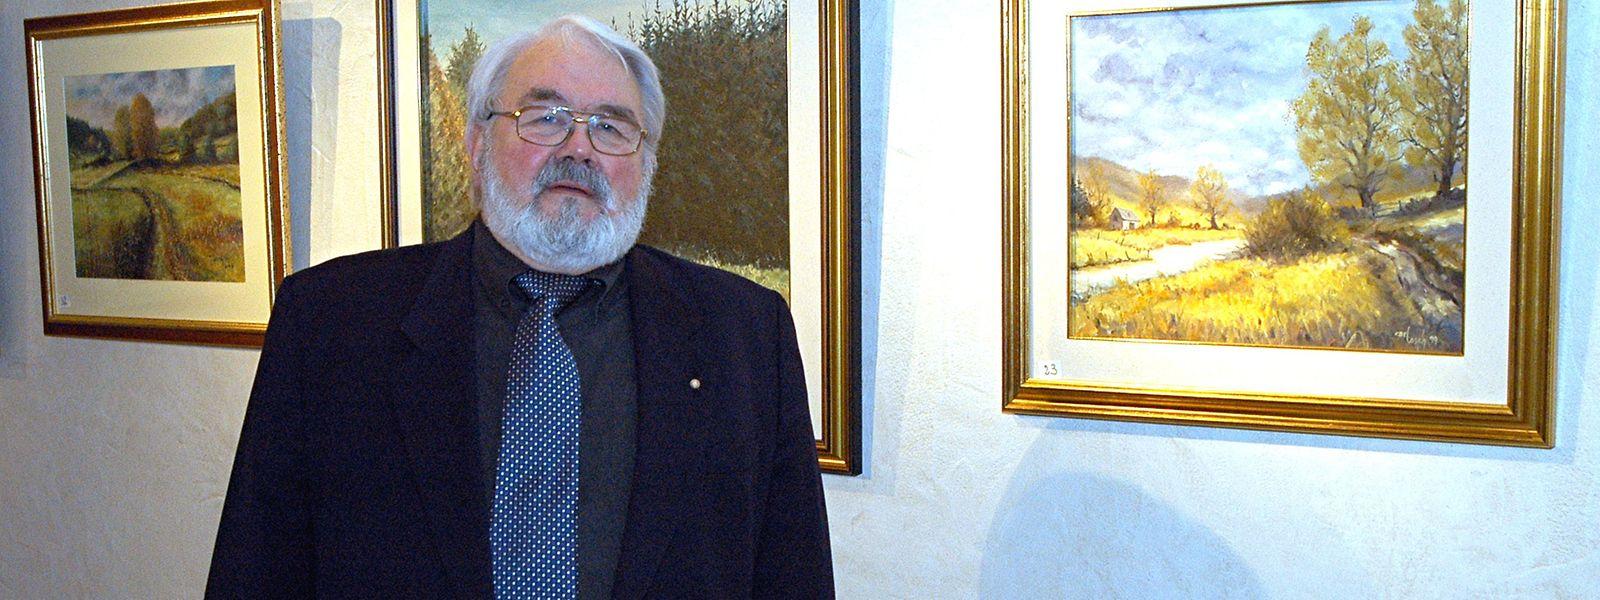 Carlo Losch (1937-2019)